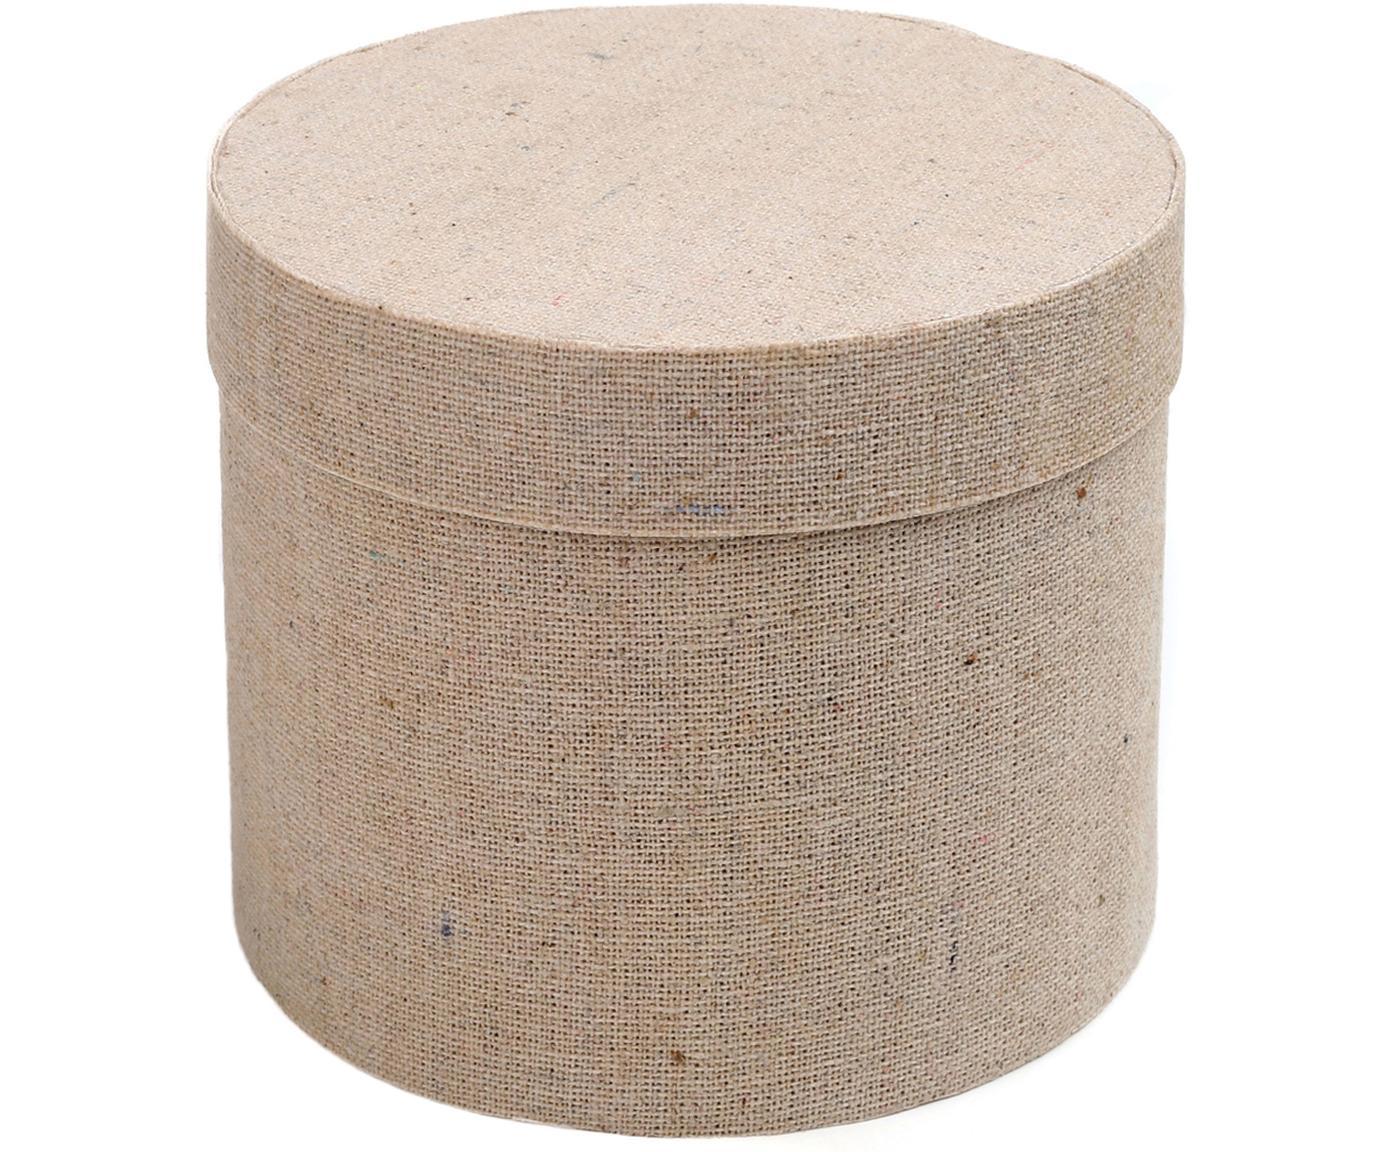 Confezione regalo Round, 6 pz., Cotone, Beige, Ø 5 cm